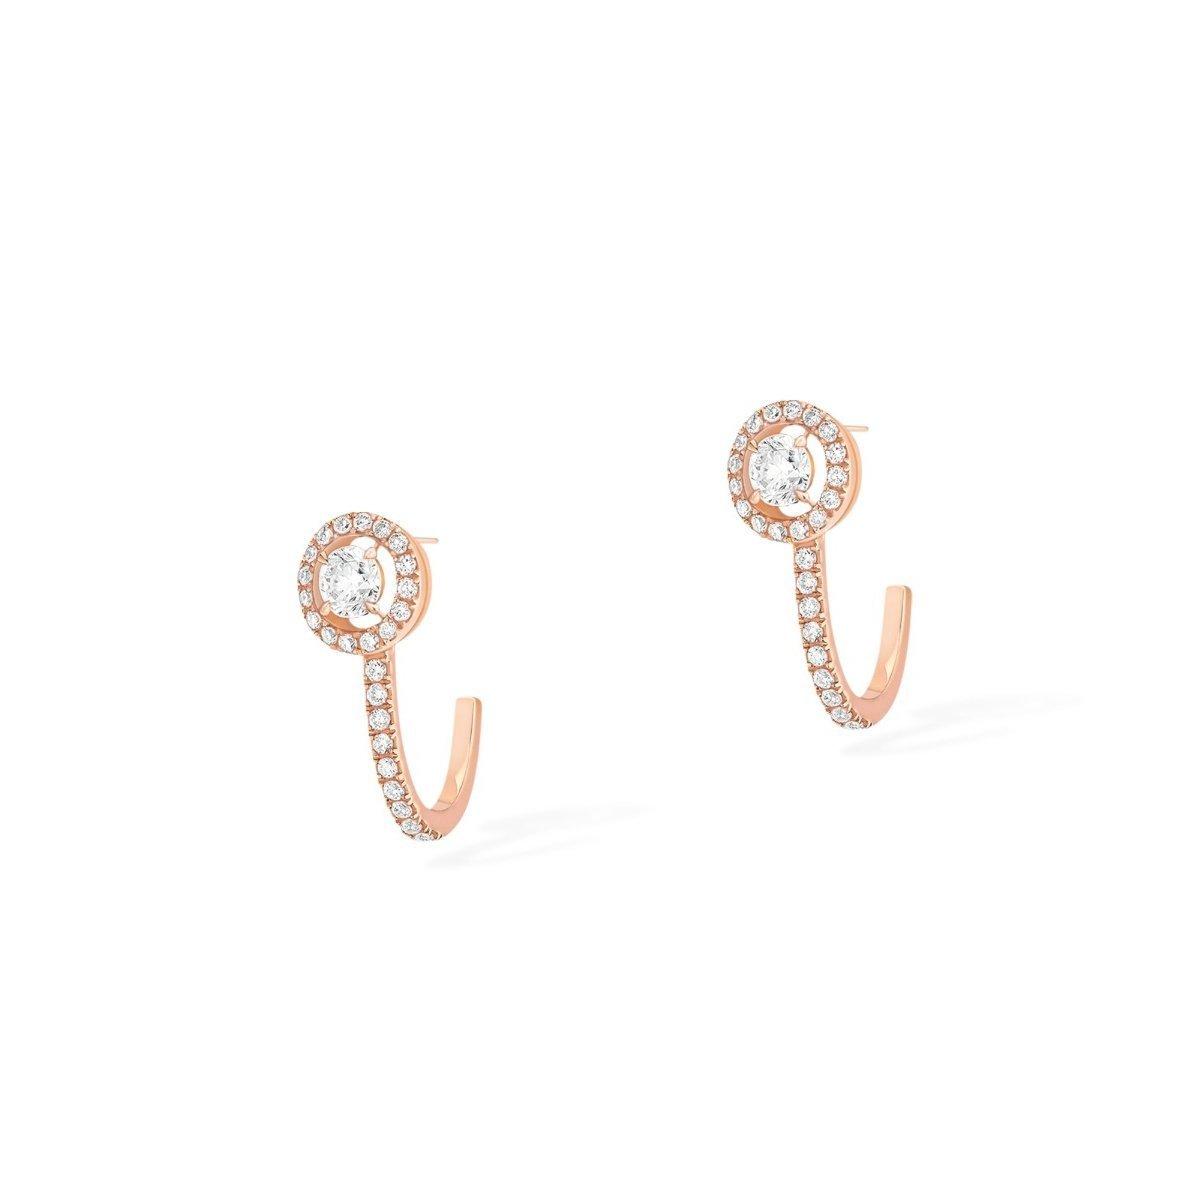 Boucles d'oreilles créoles Messika Joy en or rose et diamants vue 2